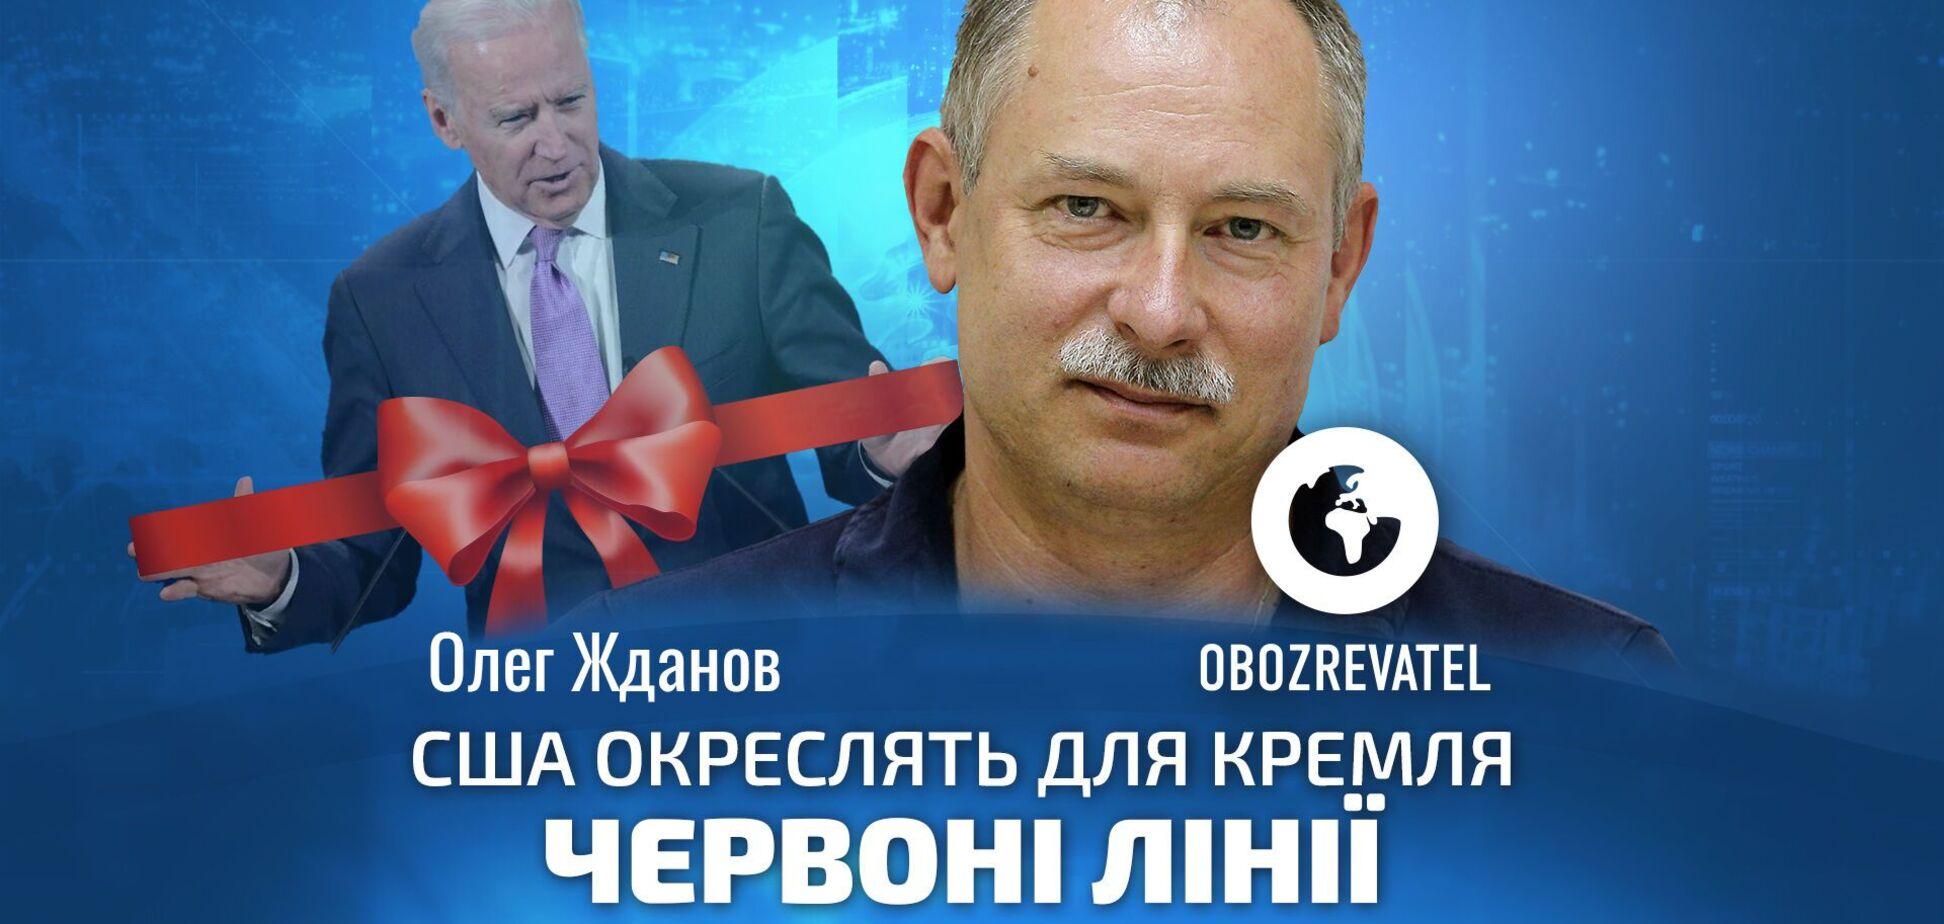 Жданов: Кремль испытывает на Донбассе новейшее оружие